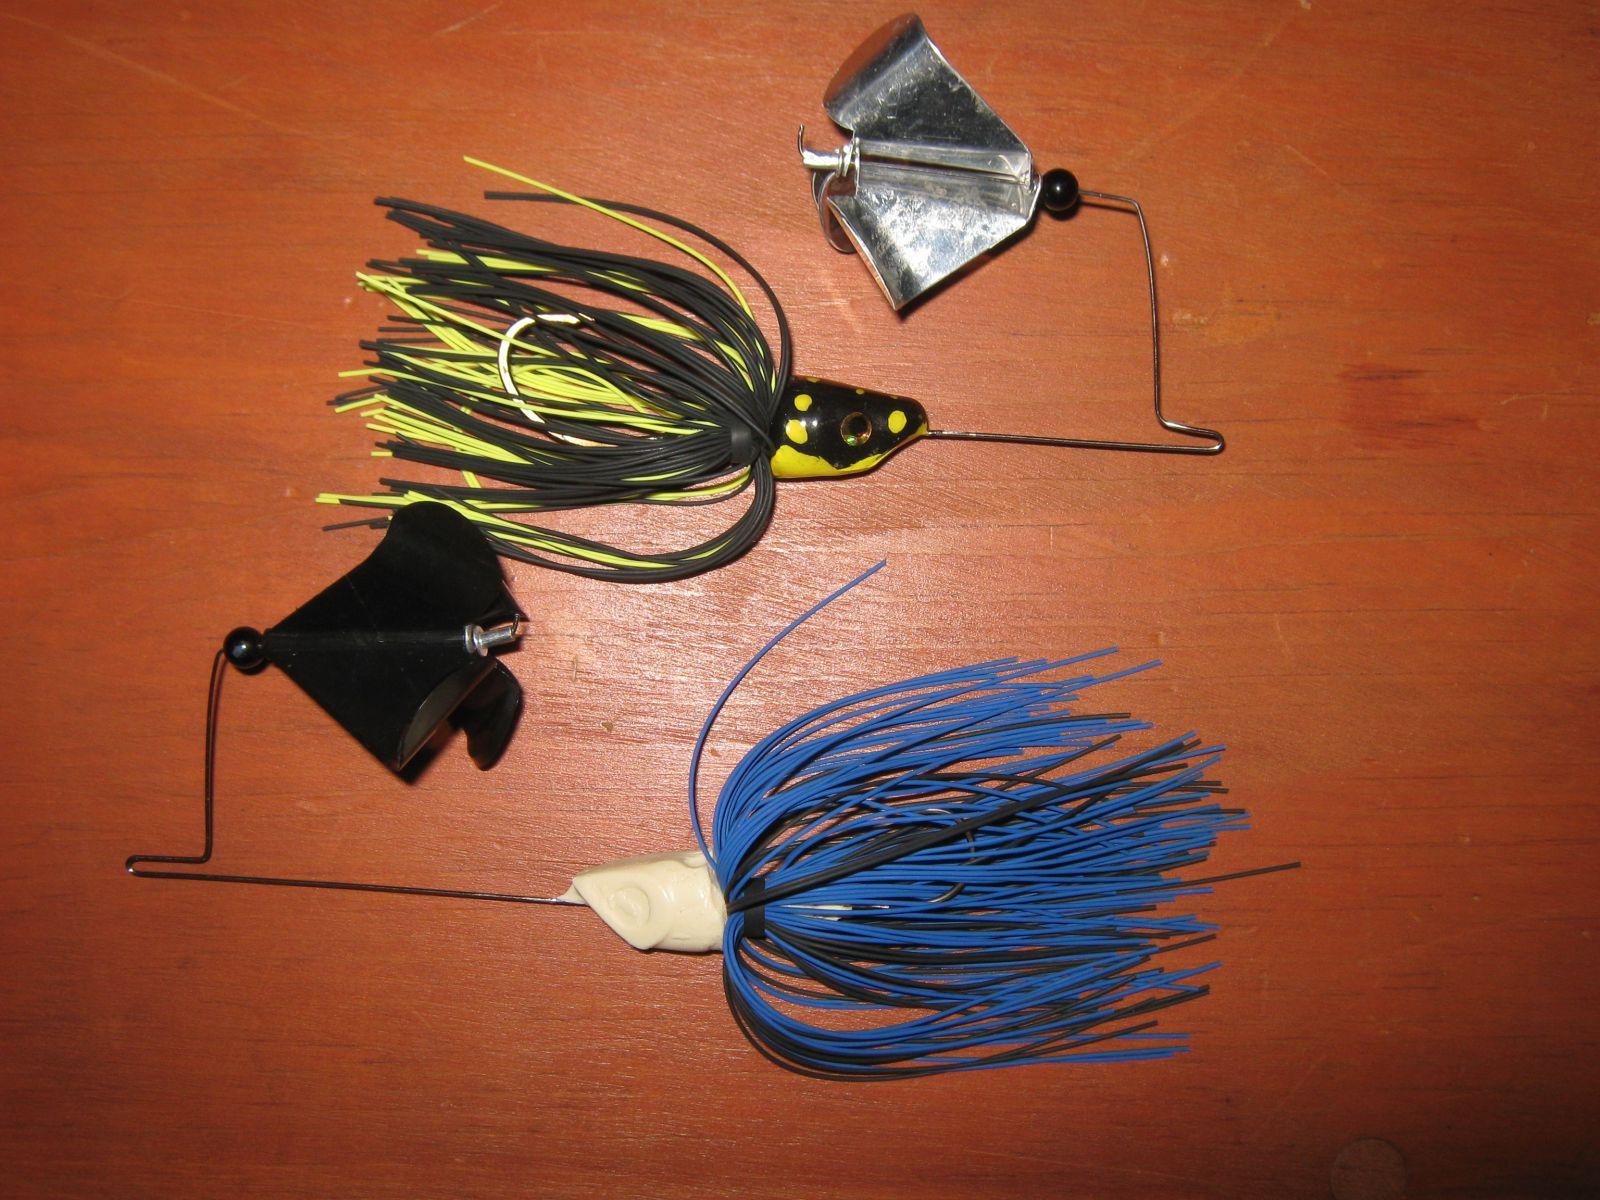 Buzzbait prototypes